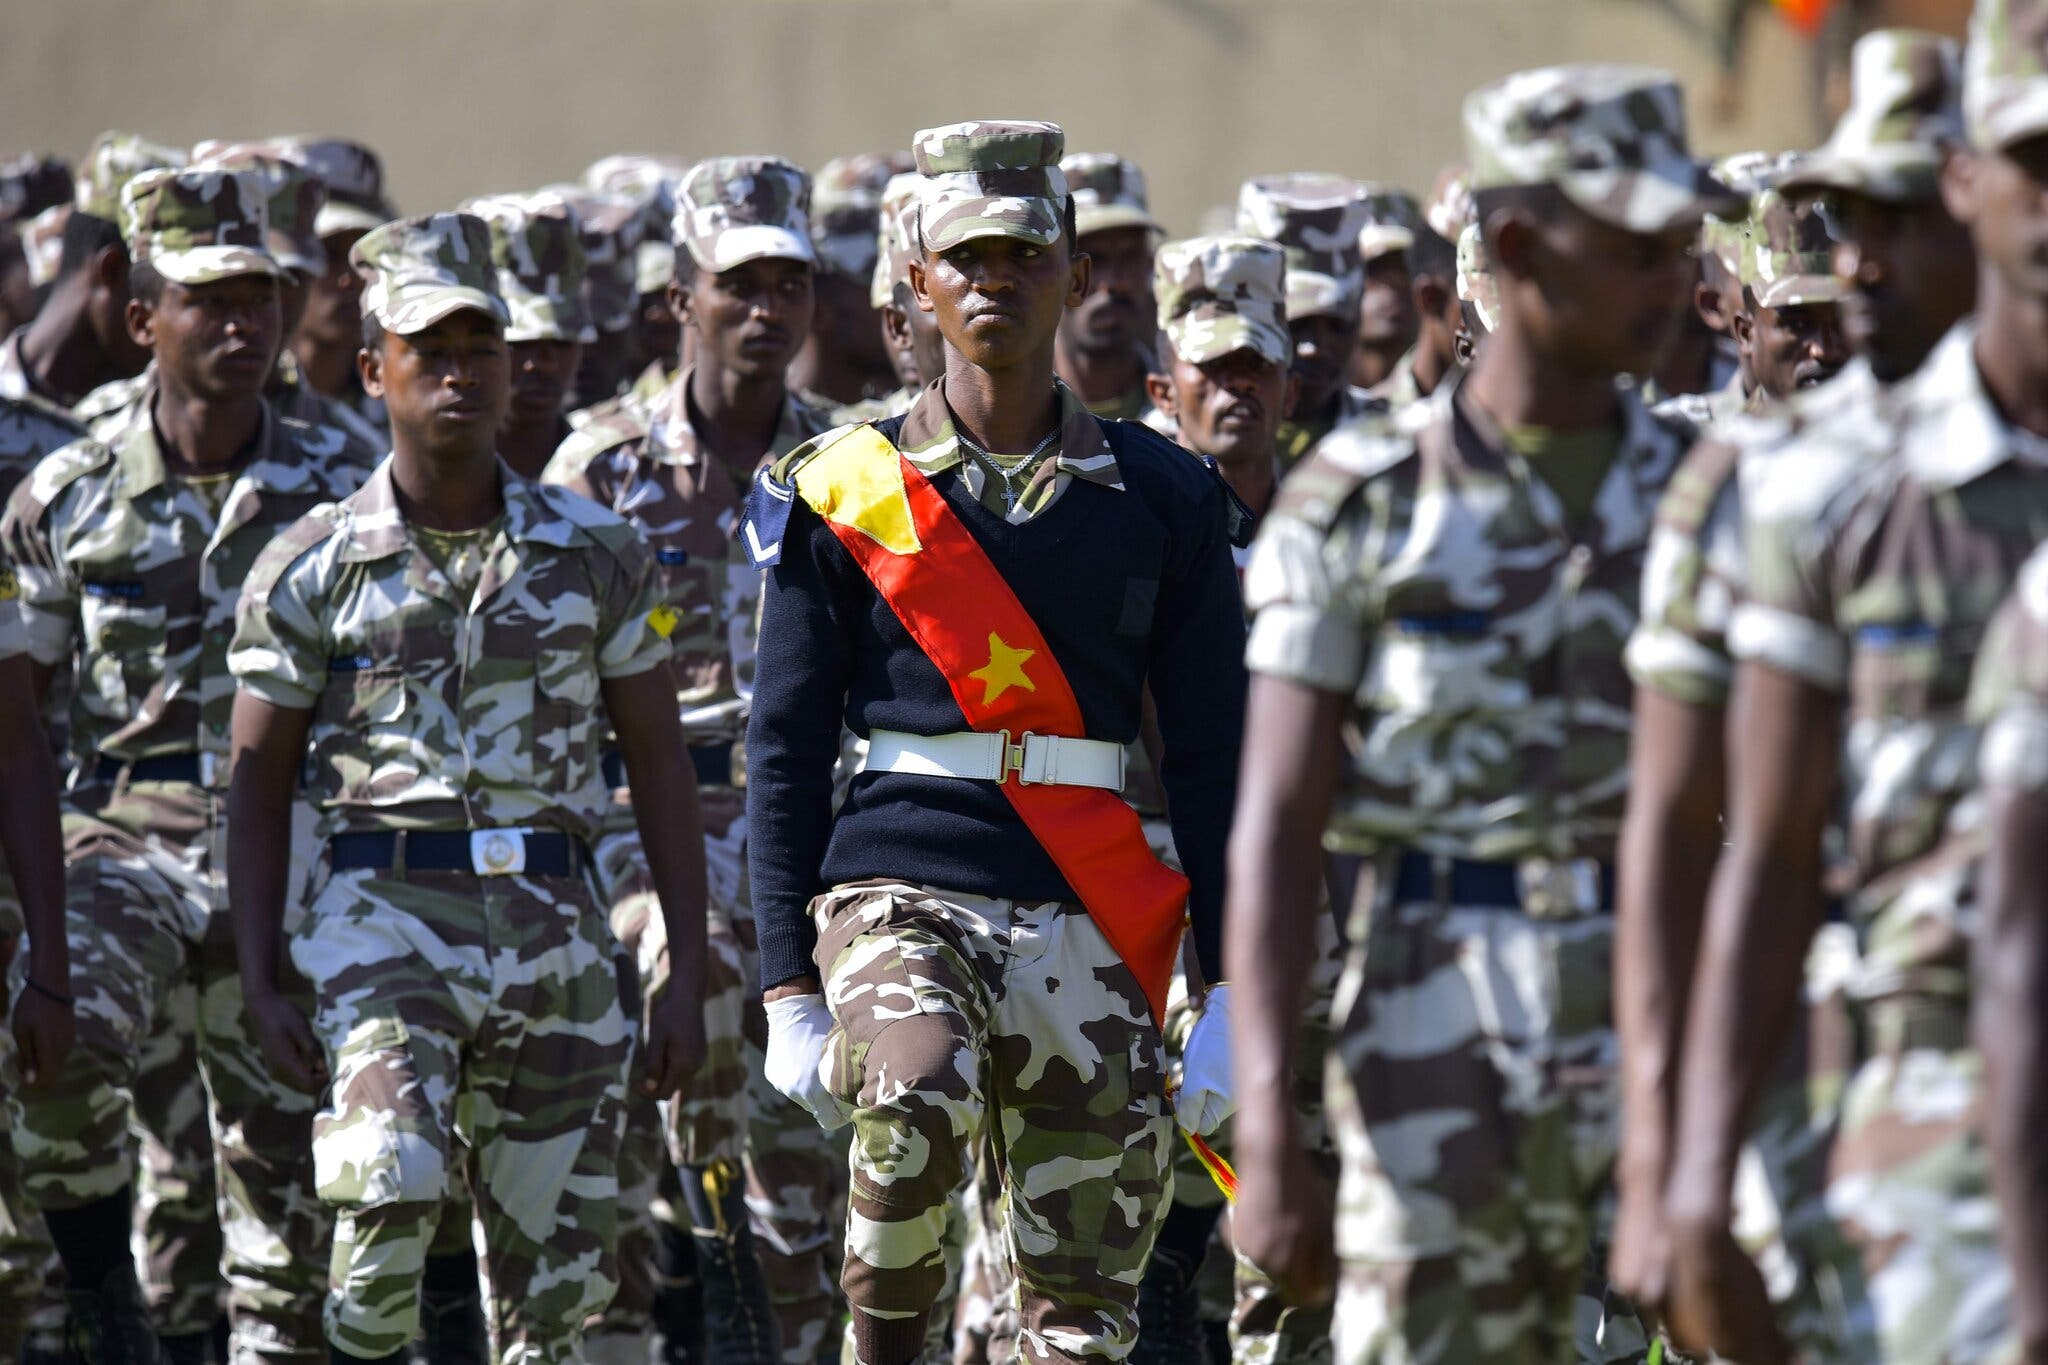 Intee le'eg tahay awoodda militari ee gobolka Tigray oo ay is-hayaan Abiy Ahmed?